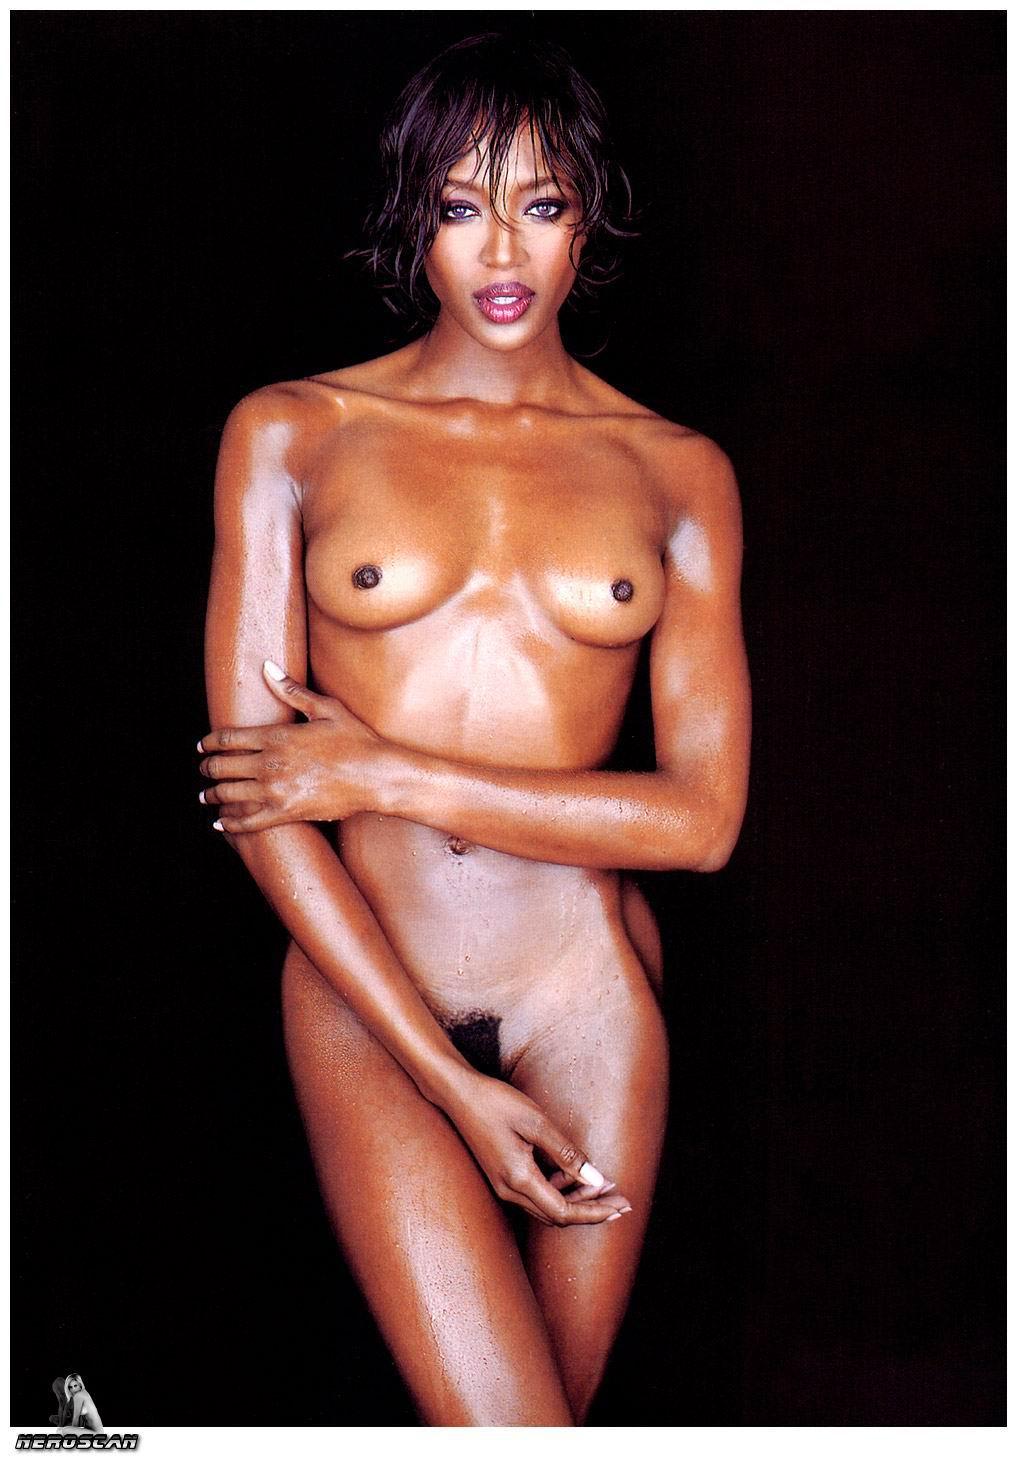 Hay Fotos De Naomi Campbell En El Upload Ver